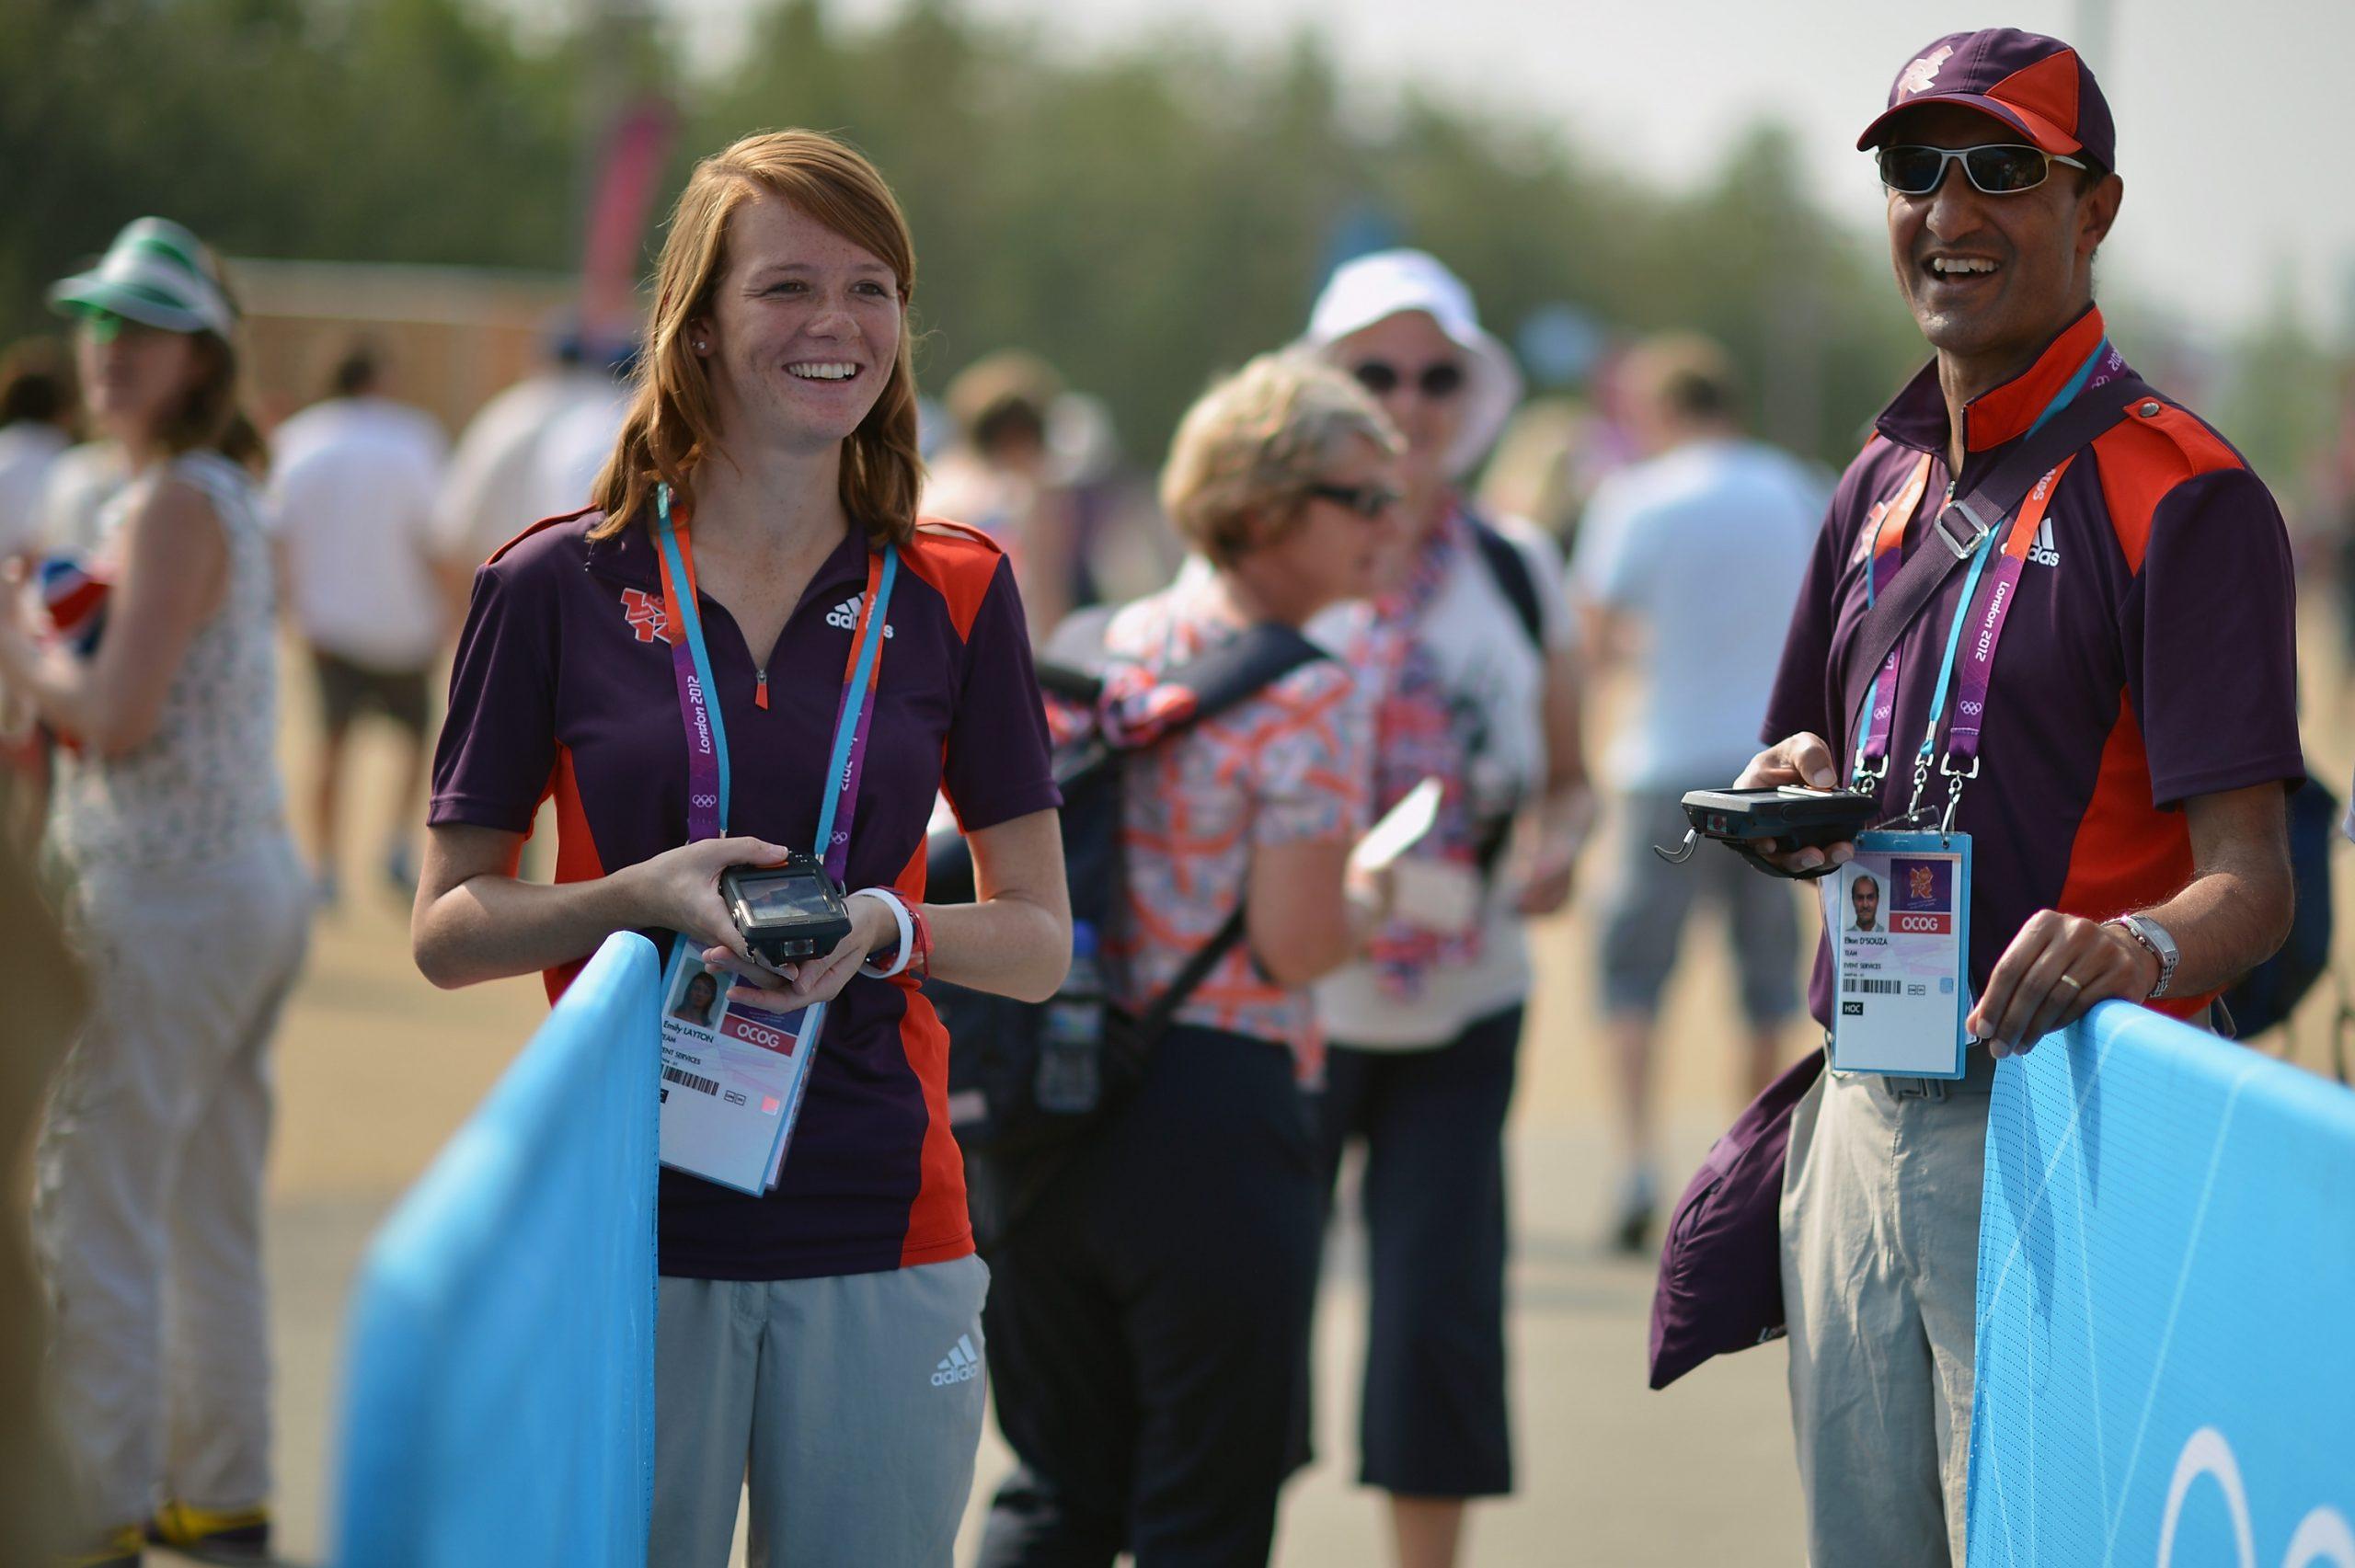 Deux volontaires des Jeux Olympiques de Londres 2012 sourient